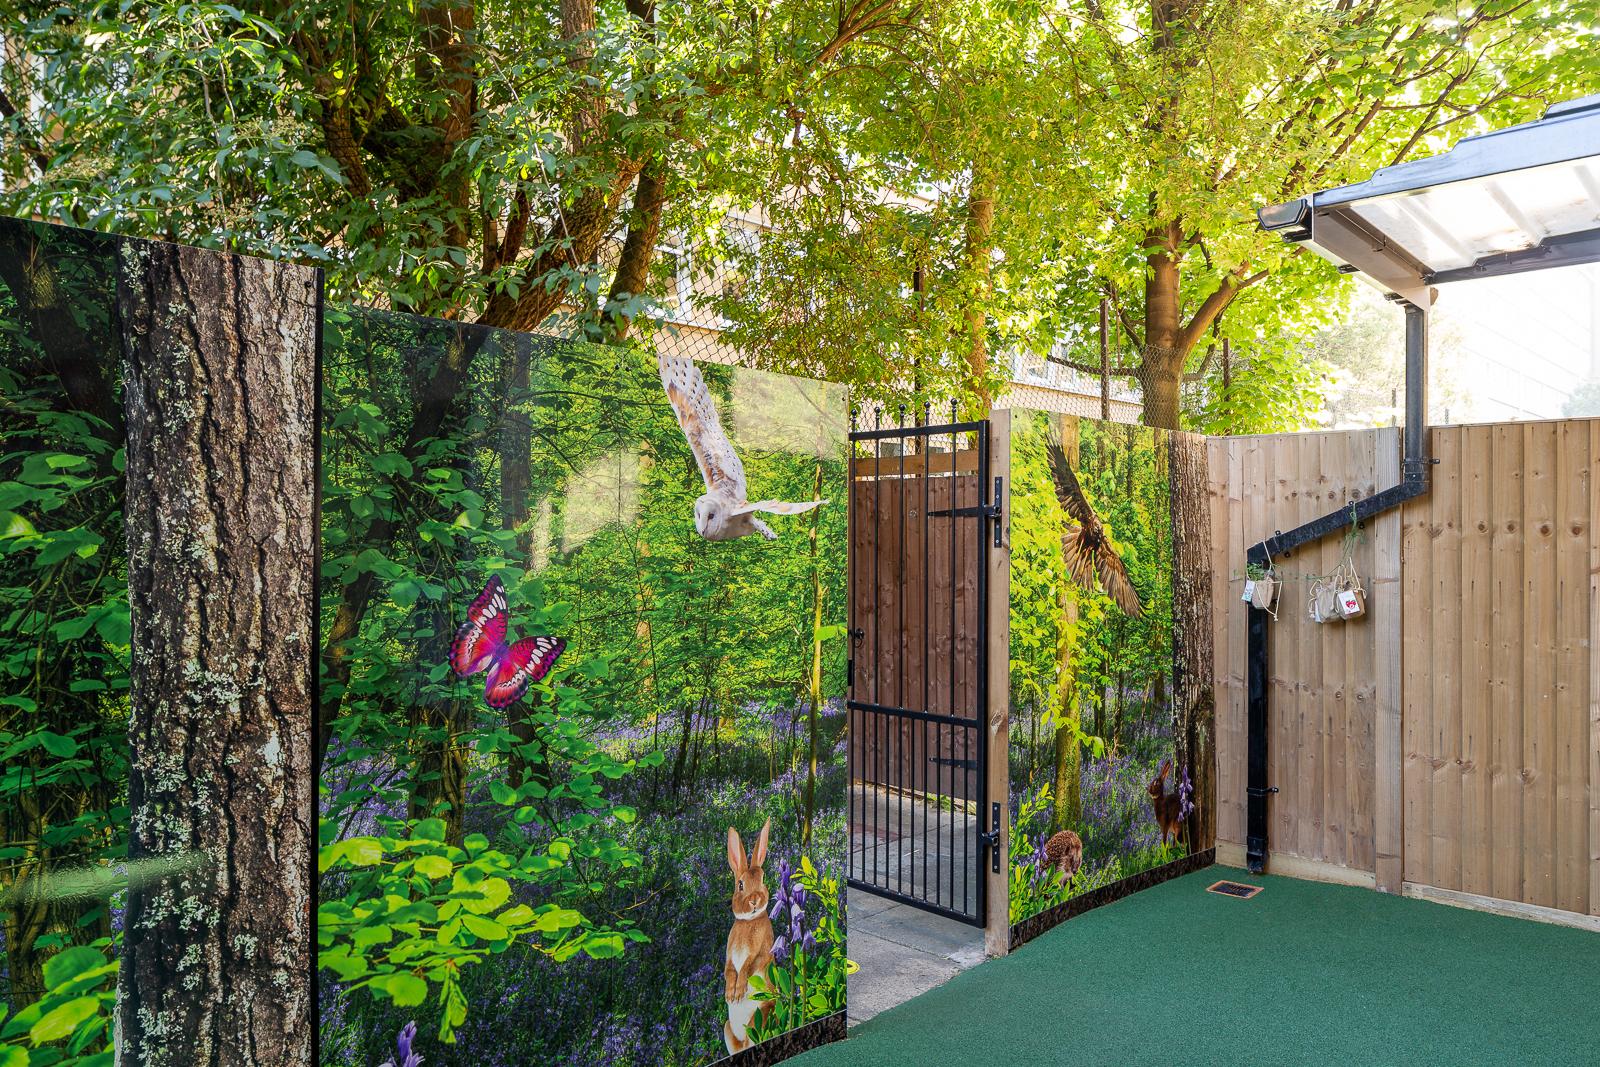 external play area wall art